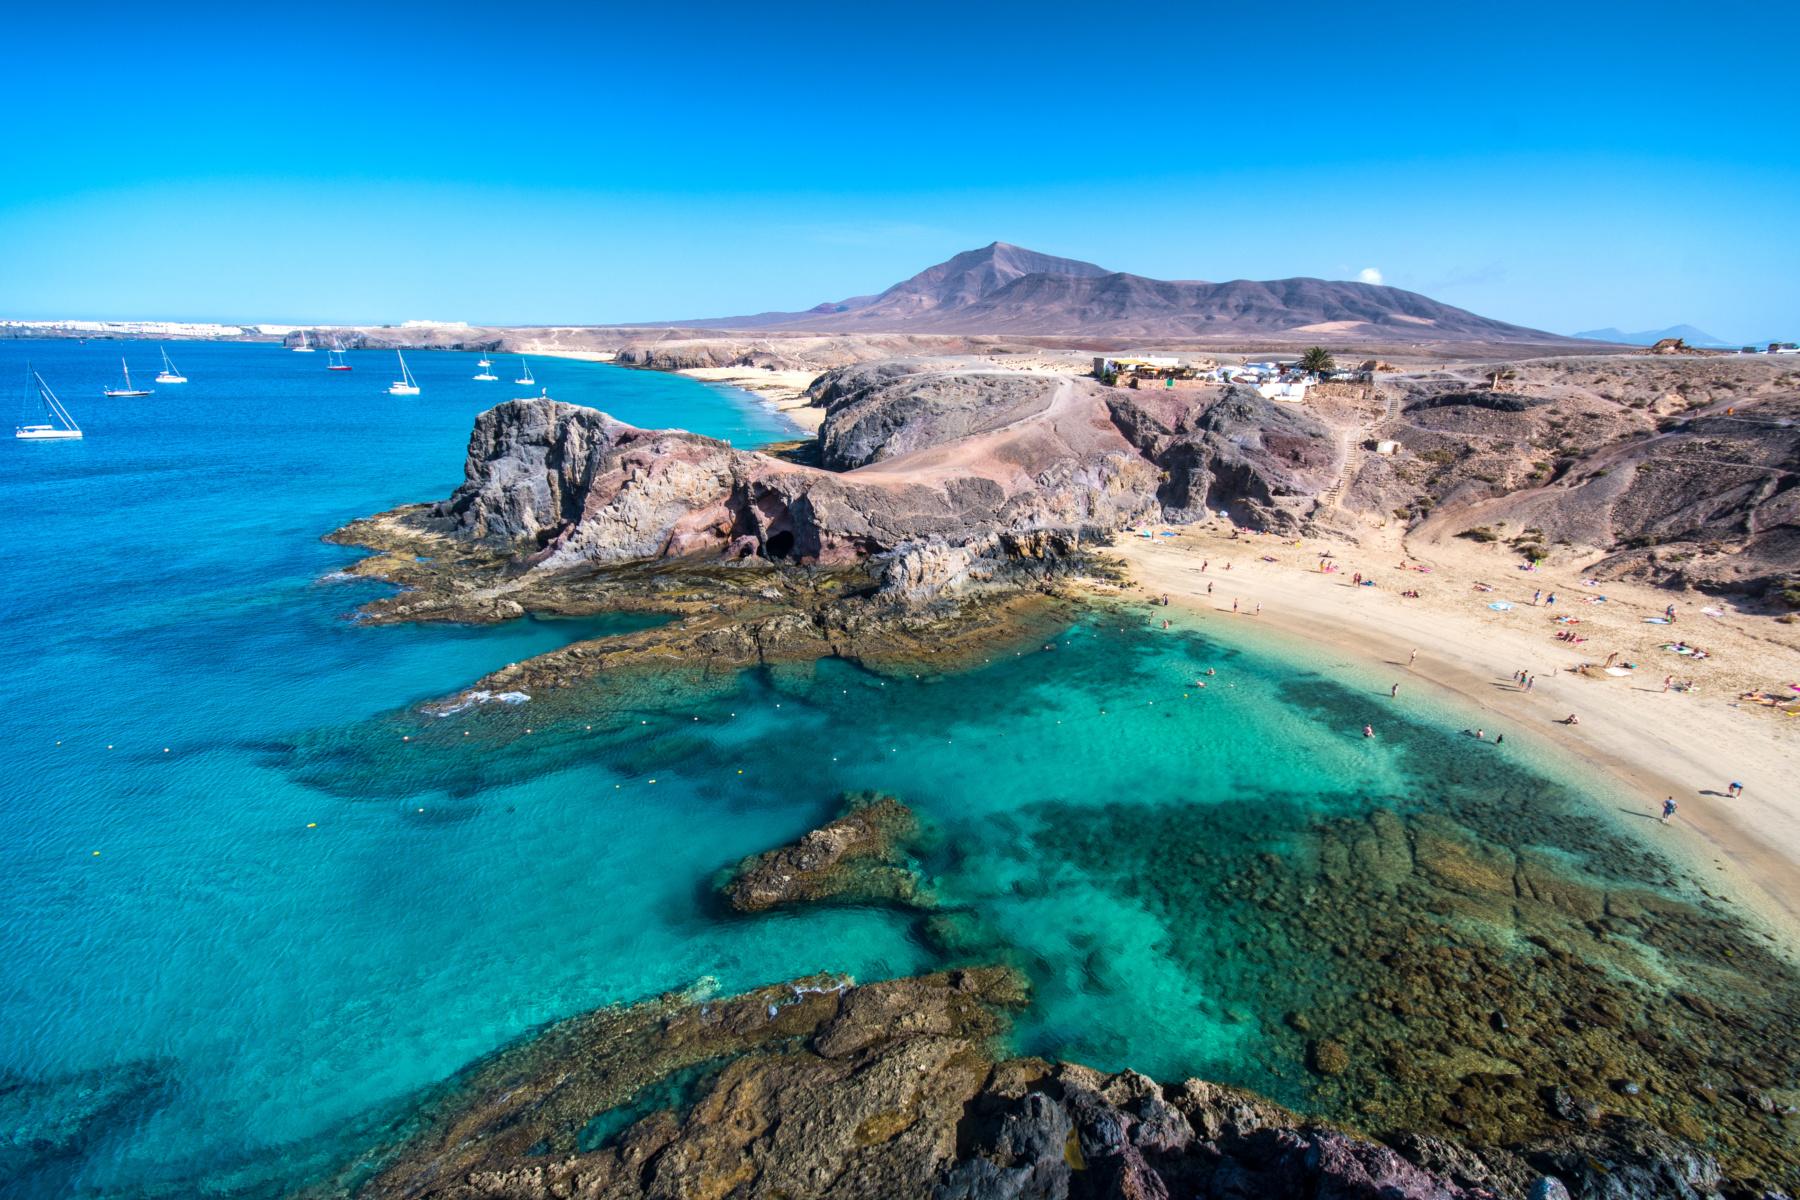 Playas de Papagayo - Turismo Lanzarote